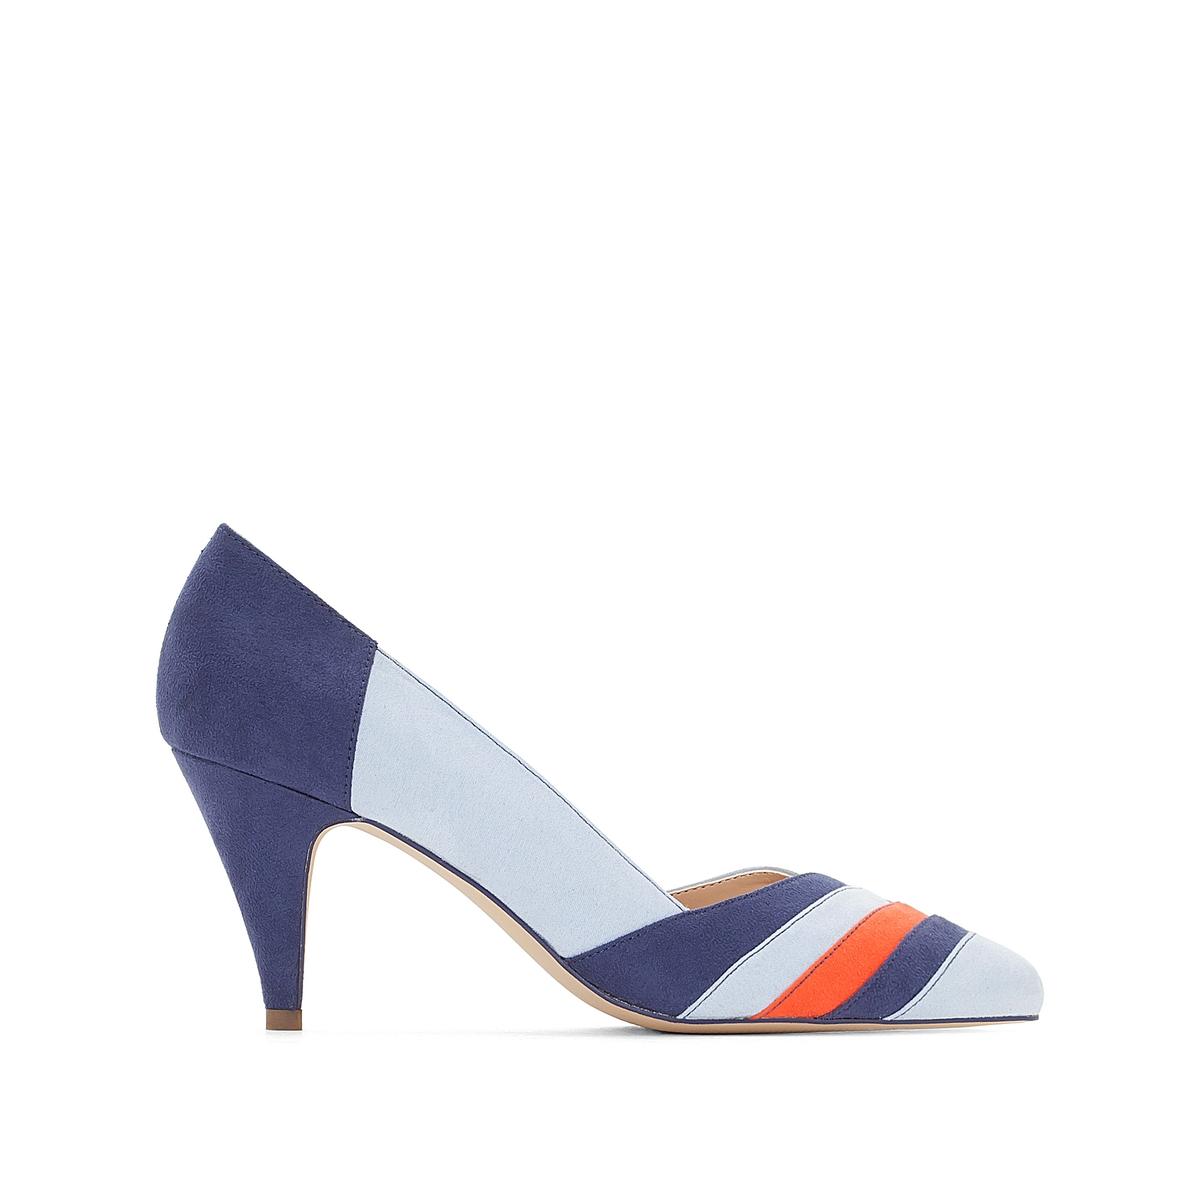 Туфли с графичным многоцветным принтомОписание:Детали •  Каблук-шпилька •  Высота каблука : 8 см •  Застежка : без застежки •  Заостренный мысок •  Гладкая отделкаСостав и уход •  Верх 100% синтетический материал •  Подкладка 100% синтетический материал •  Стелька 100% кожа •  Подошва 100% эластомер<br><br>Цвет: оранжевый/разноцветный,синий/разноцветный